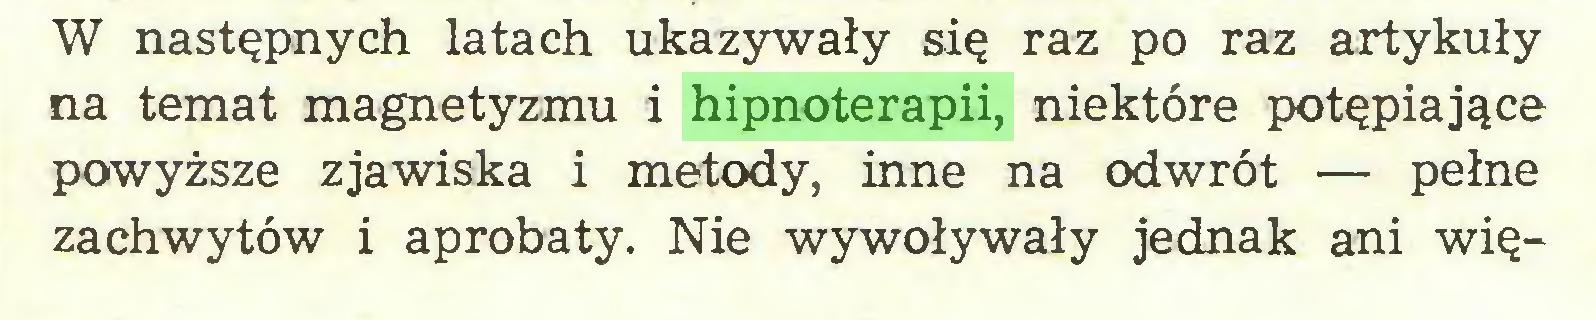 (...) W następnych latach ukazywały się raz po raz artykuły na temat magnetyzmu i hipnoterapii, niektóre potępiające powyższe zjawiska i metody, inne na odwrót — pełne zachwytów i aprobaty. Nie wywoływały jednak ani wię...